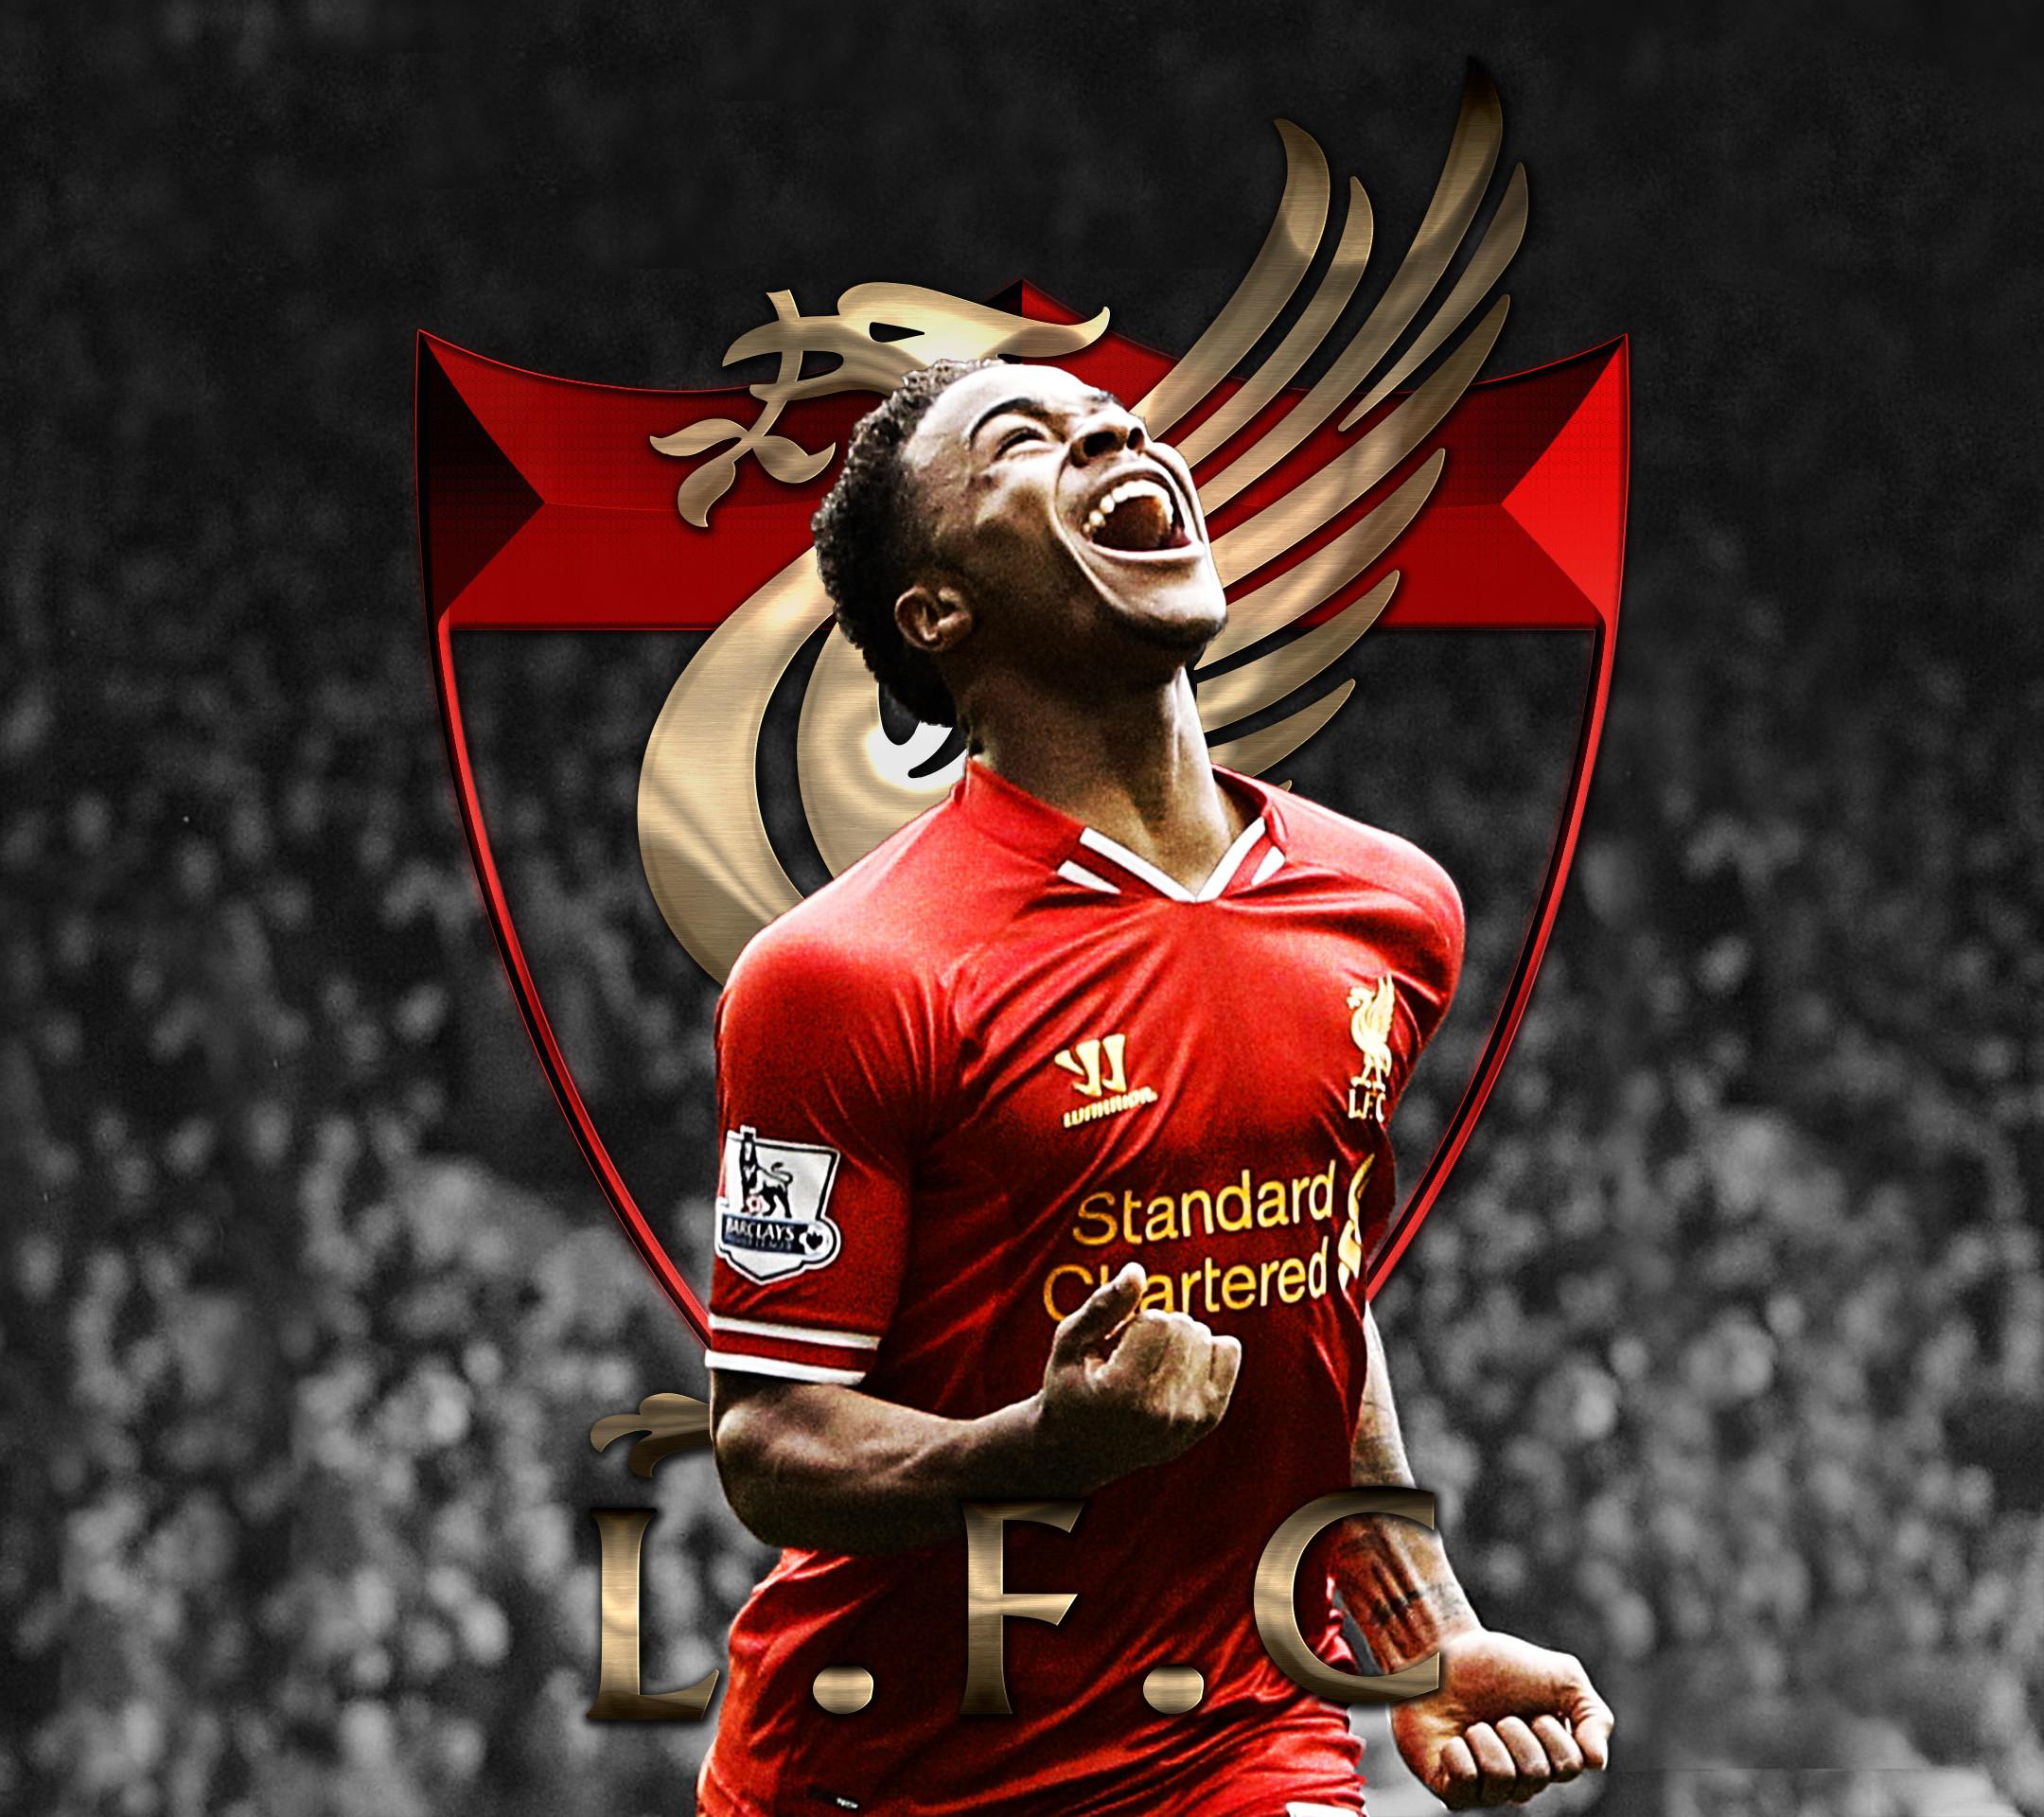 Liverpool Wallpaper: Wallpaper Logo Liverpool 2015